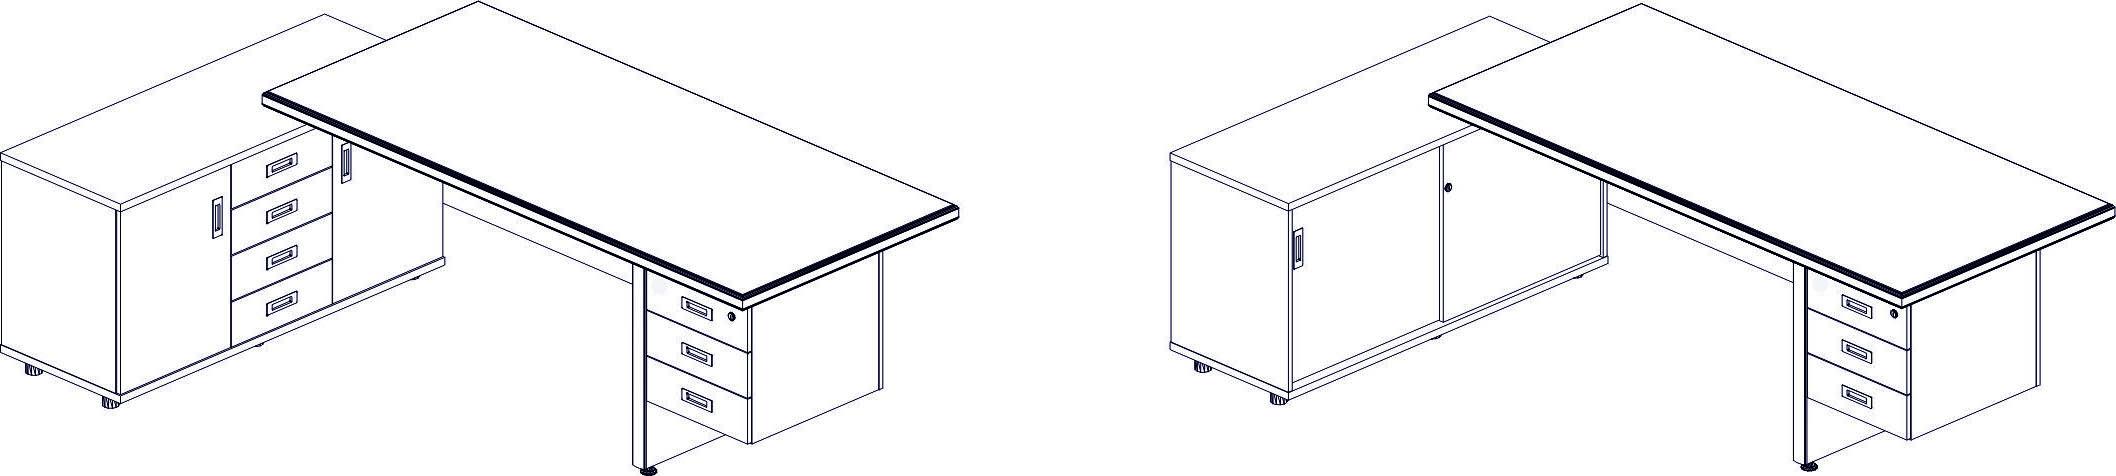 стол руководителя с опорной тумбой с ящиками и распашными дверьми